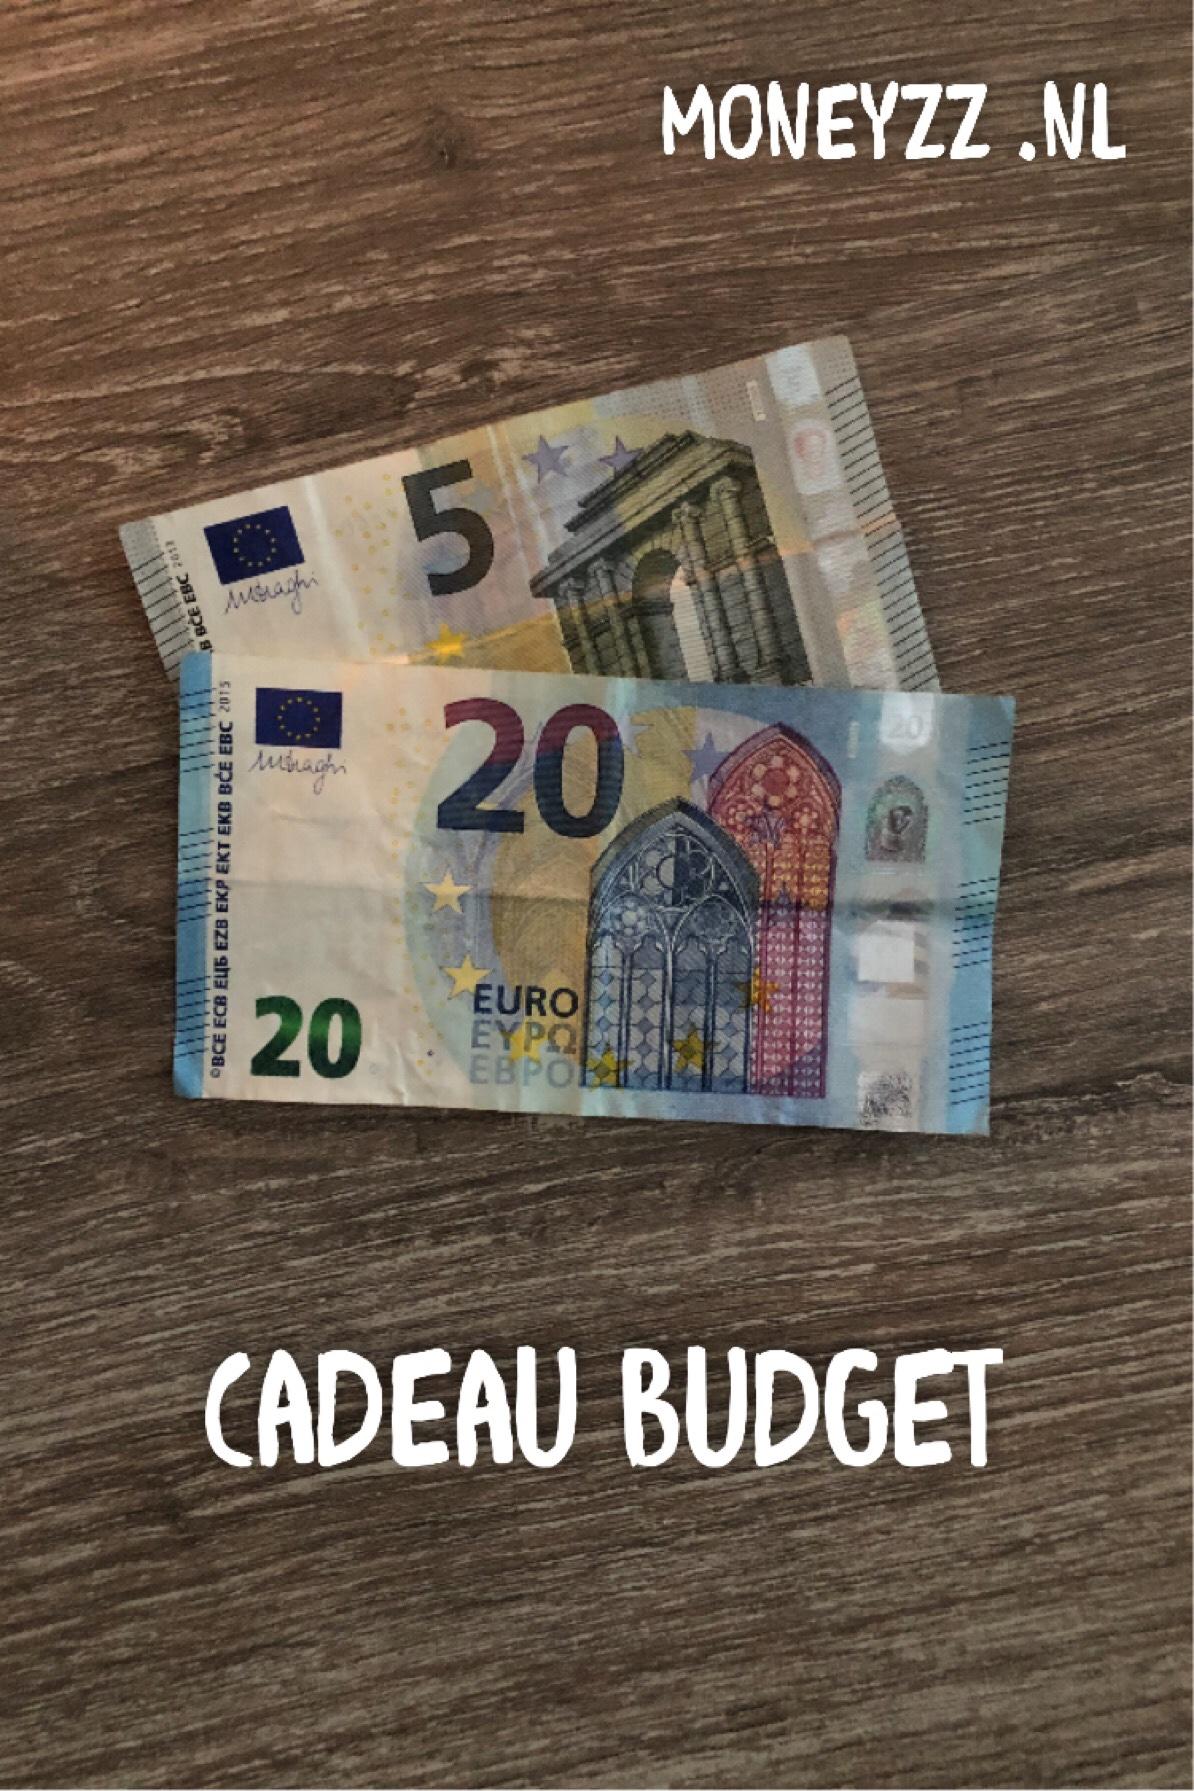 Cadeau budget